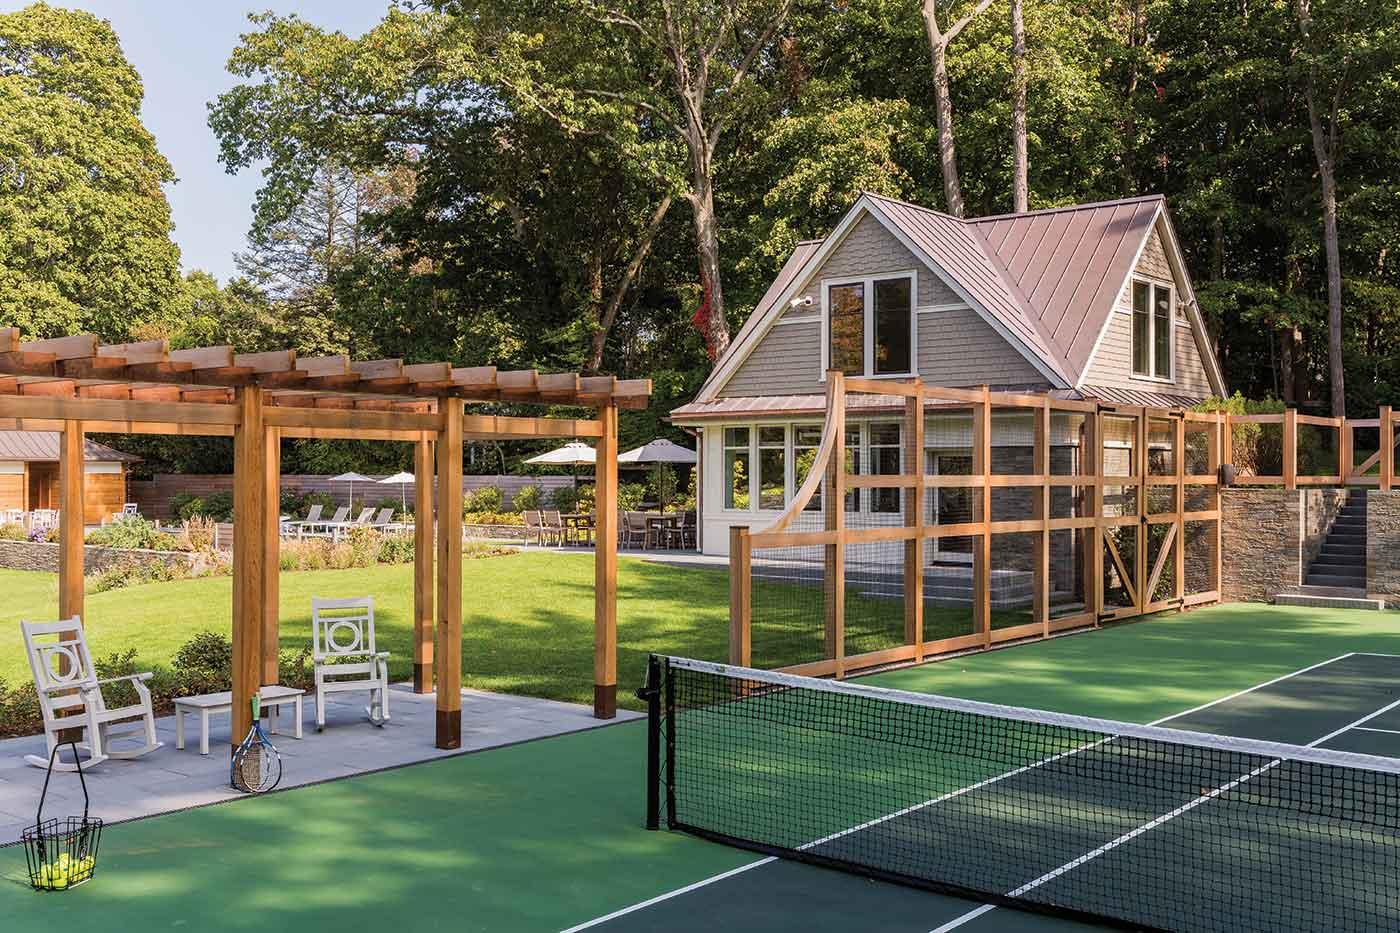 Tennis court design by Matthew Cunningham Landscape Design